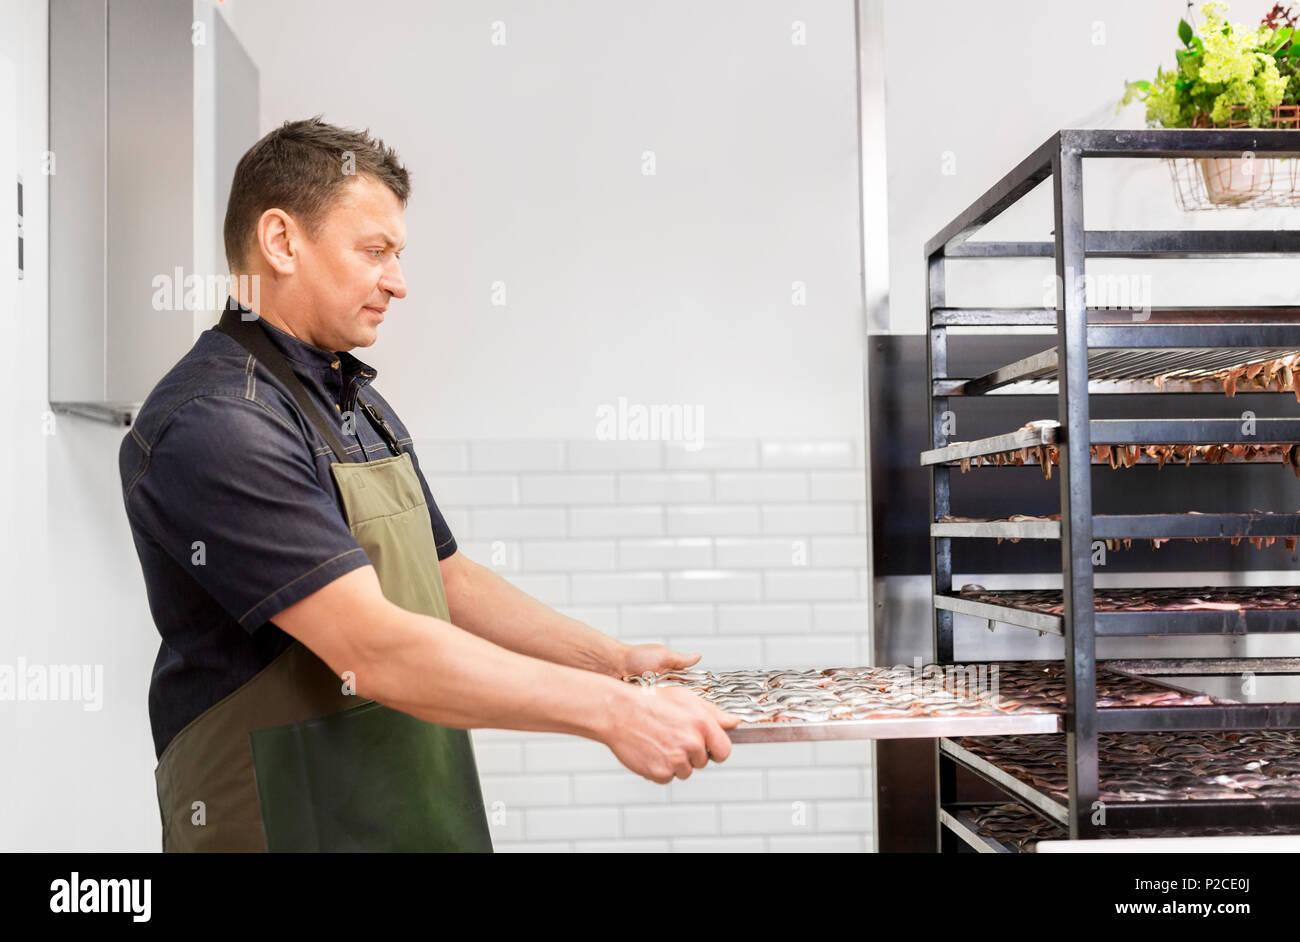 Homme avec bac à fumer le poisson shop ou smokehouse Banque D'Images